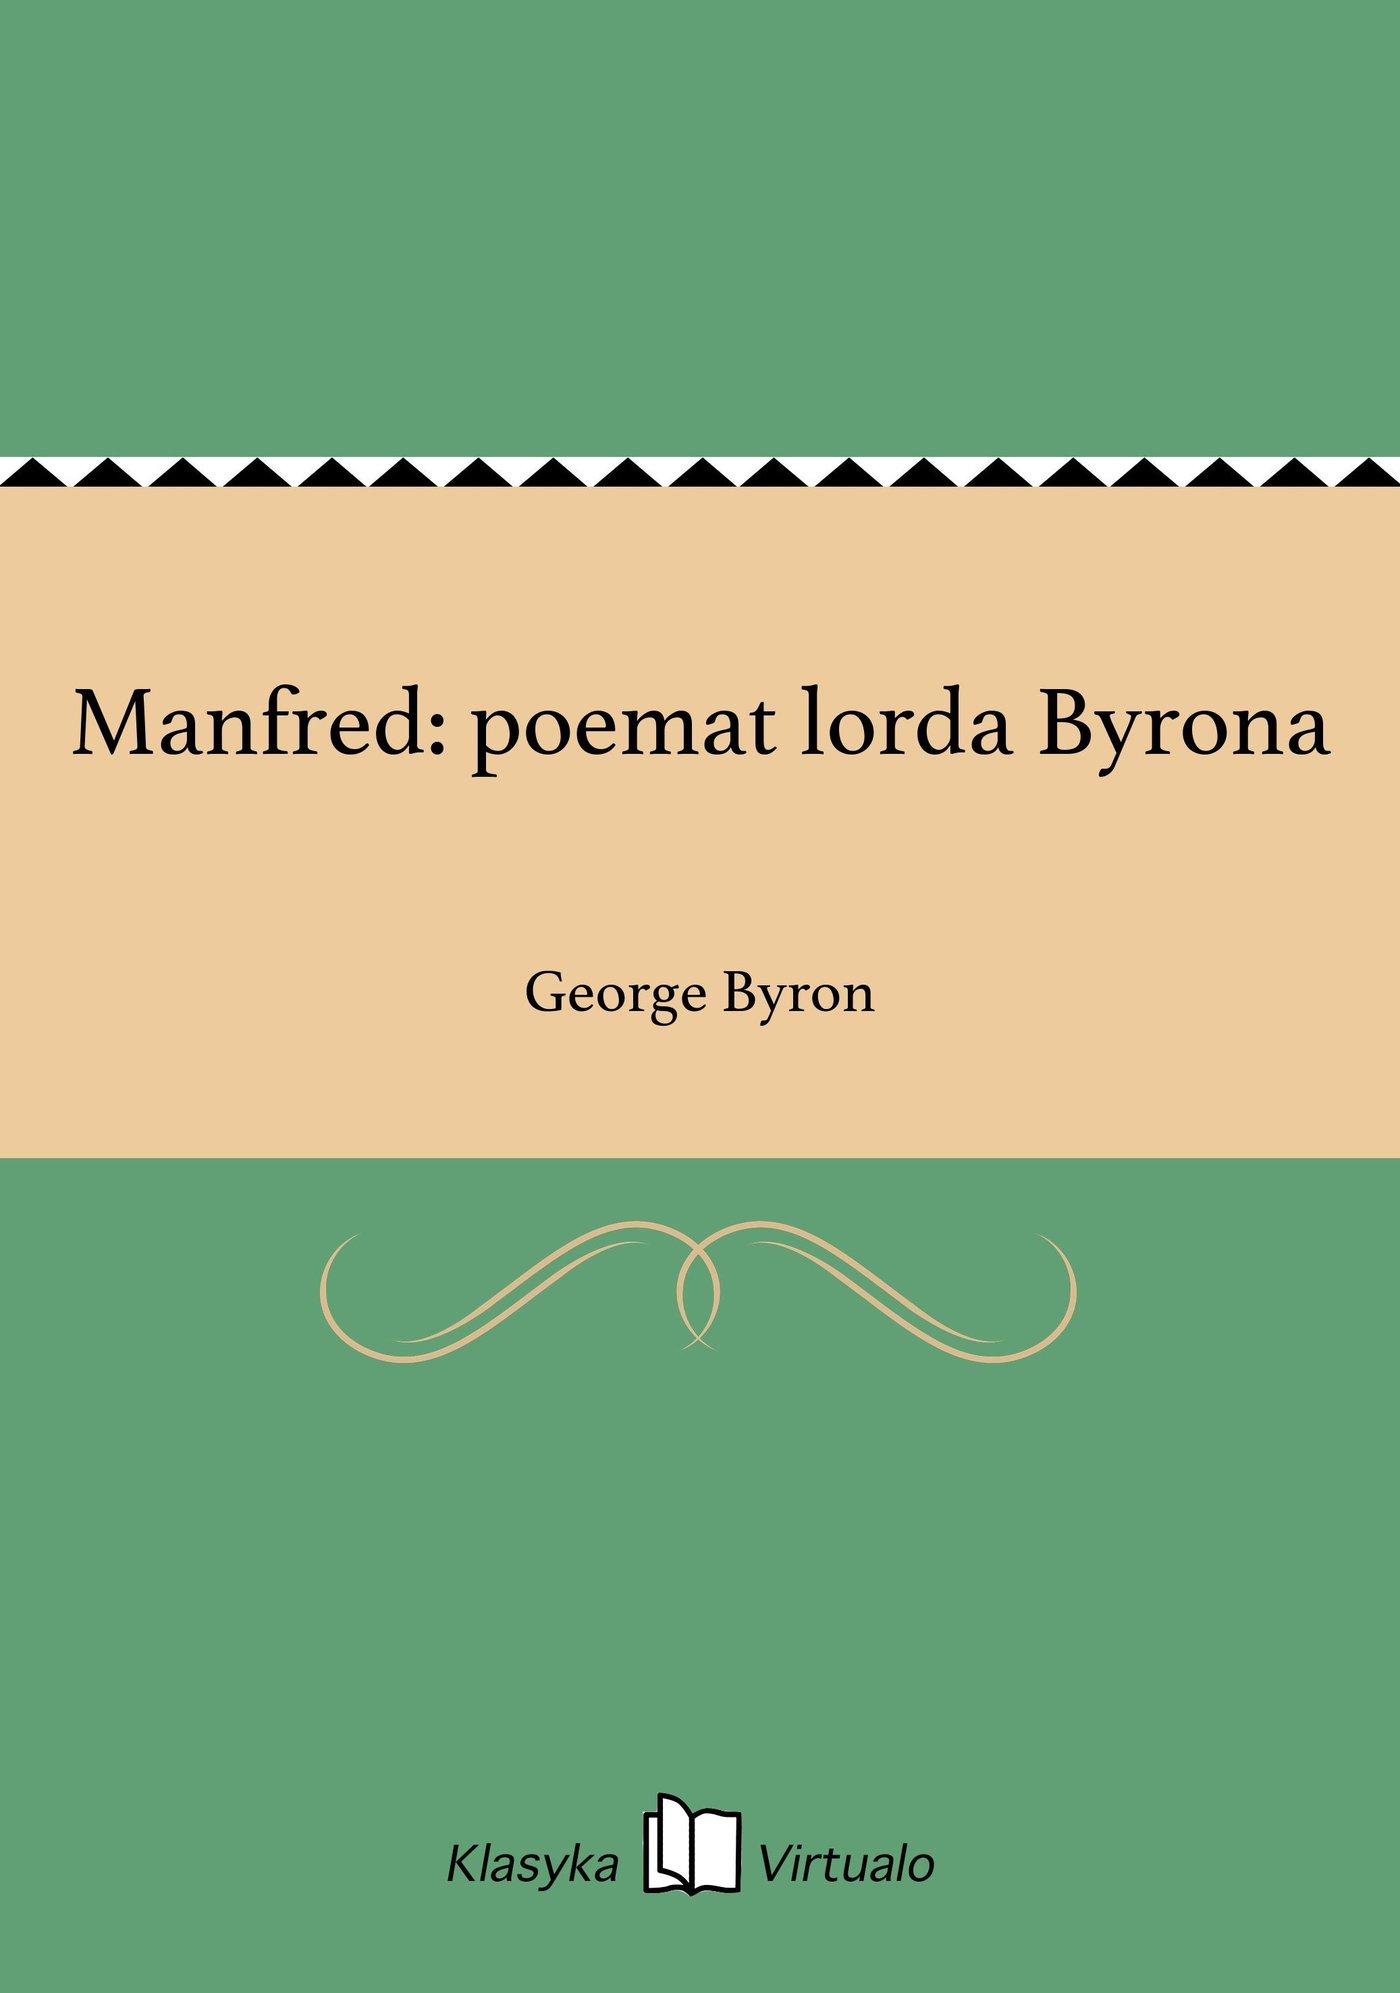 Manfred: poemat lorda Byrona - Ebook (Książka EPUB) do pobrania w formacie EPUB